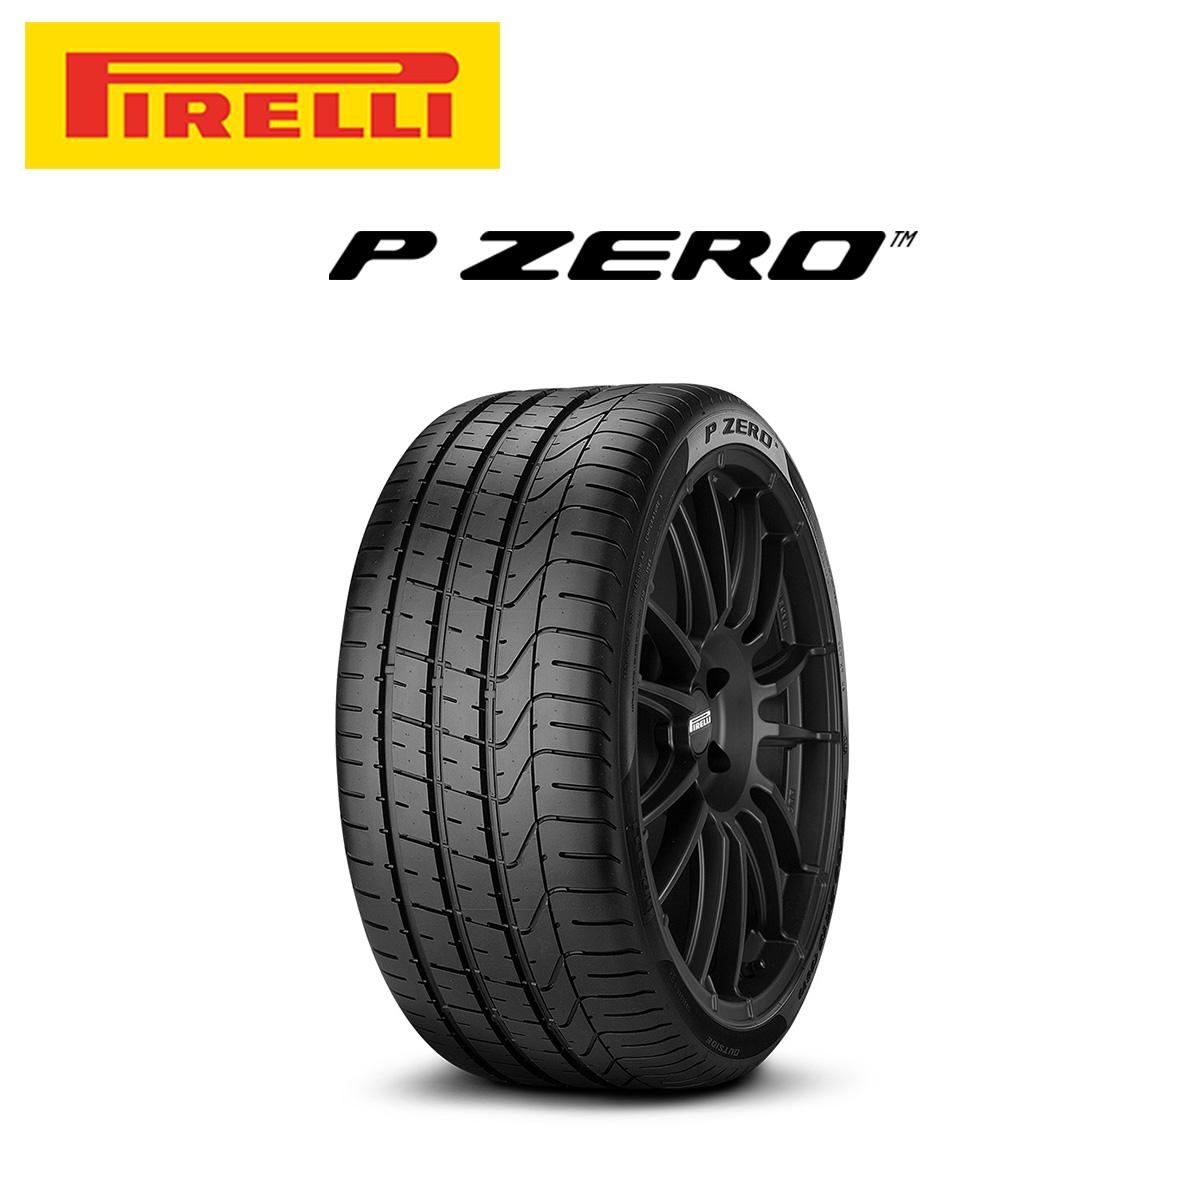 ピレリ PIRELLI P ZERO ピーゼロ 20インチ サマー タイヤ 4本 セット 265/45ZR20 108Y XL MO:メルセデスベンツ承認タイヤ 2649200